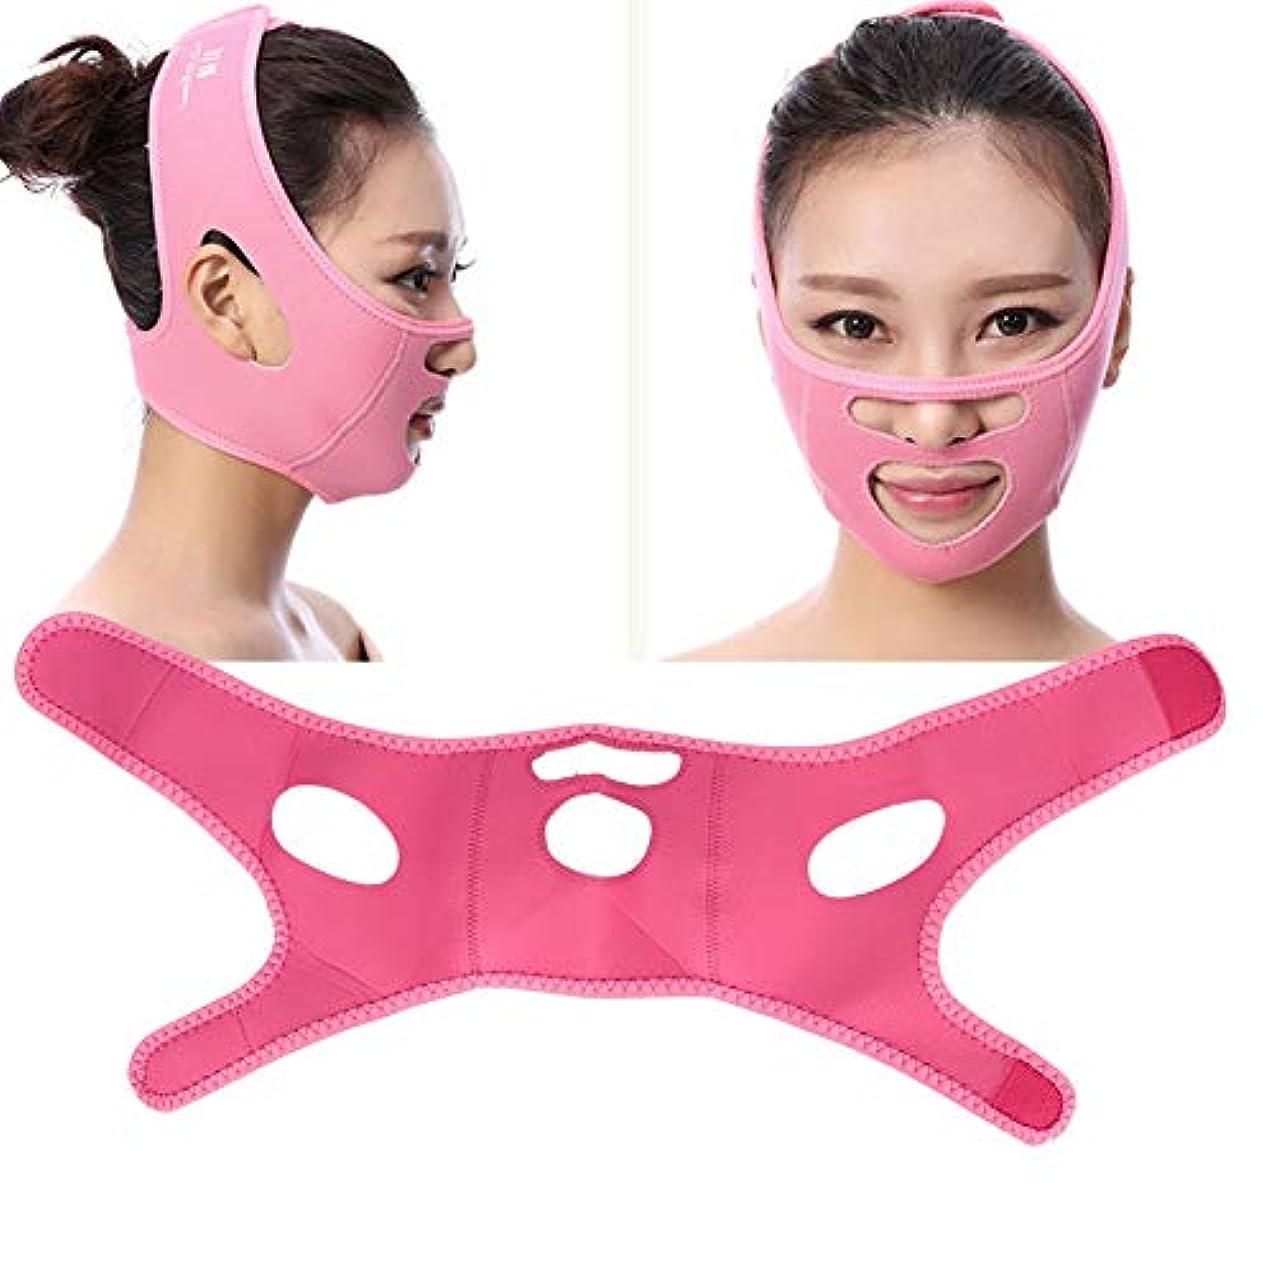 はちみつ寺院としてスリミングマスク - V字型マスク、フェイスマスクV型 - 首とあごを持ち上げるため、アンチエイジング、しわを軽減